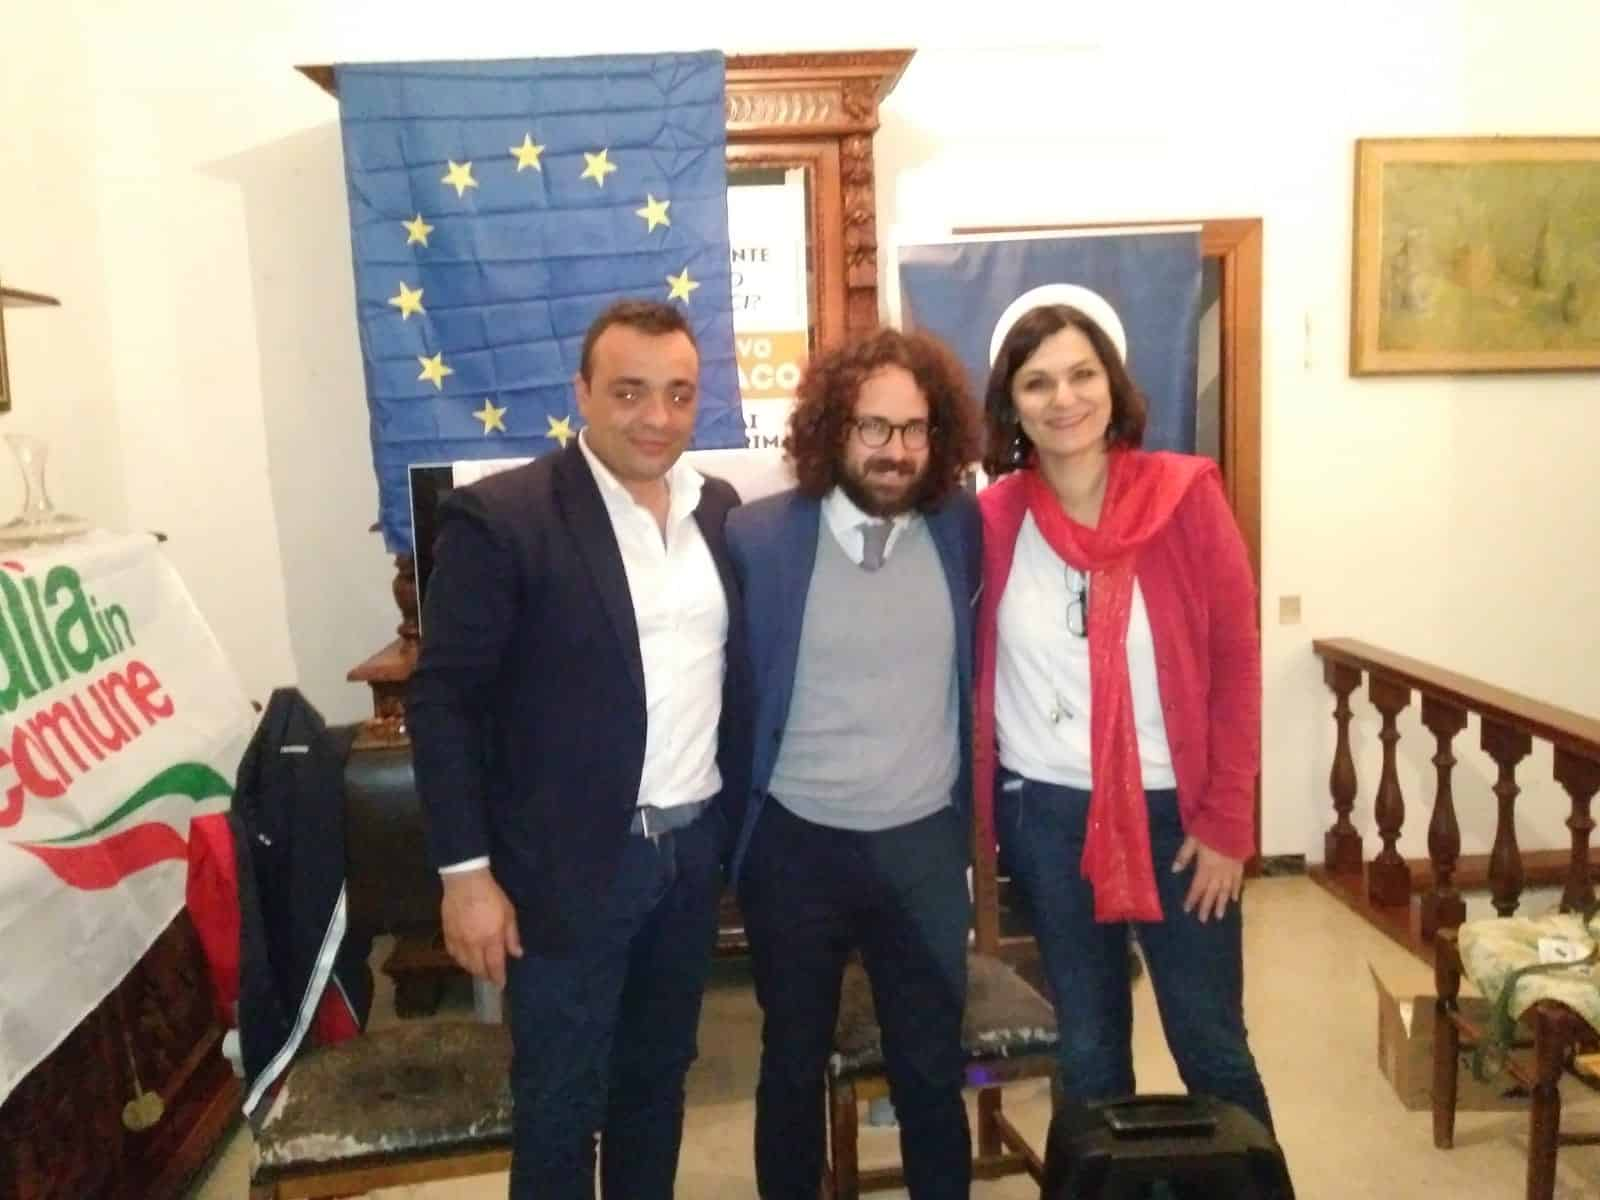 Cerveteri, Europee2019 (+EUROPA/IIC): grande pubblico per l'incontro con Travaglini, Monteverde e Pascucci